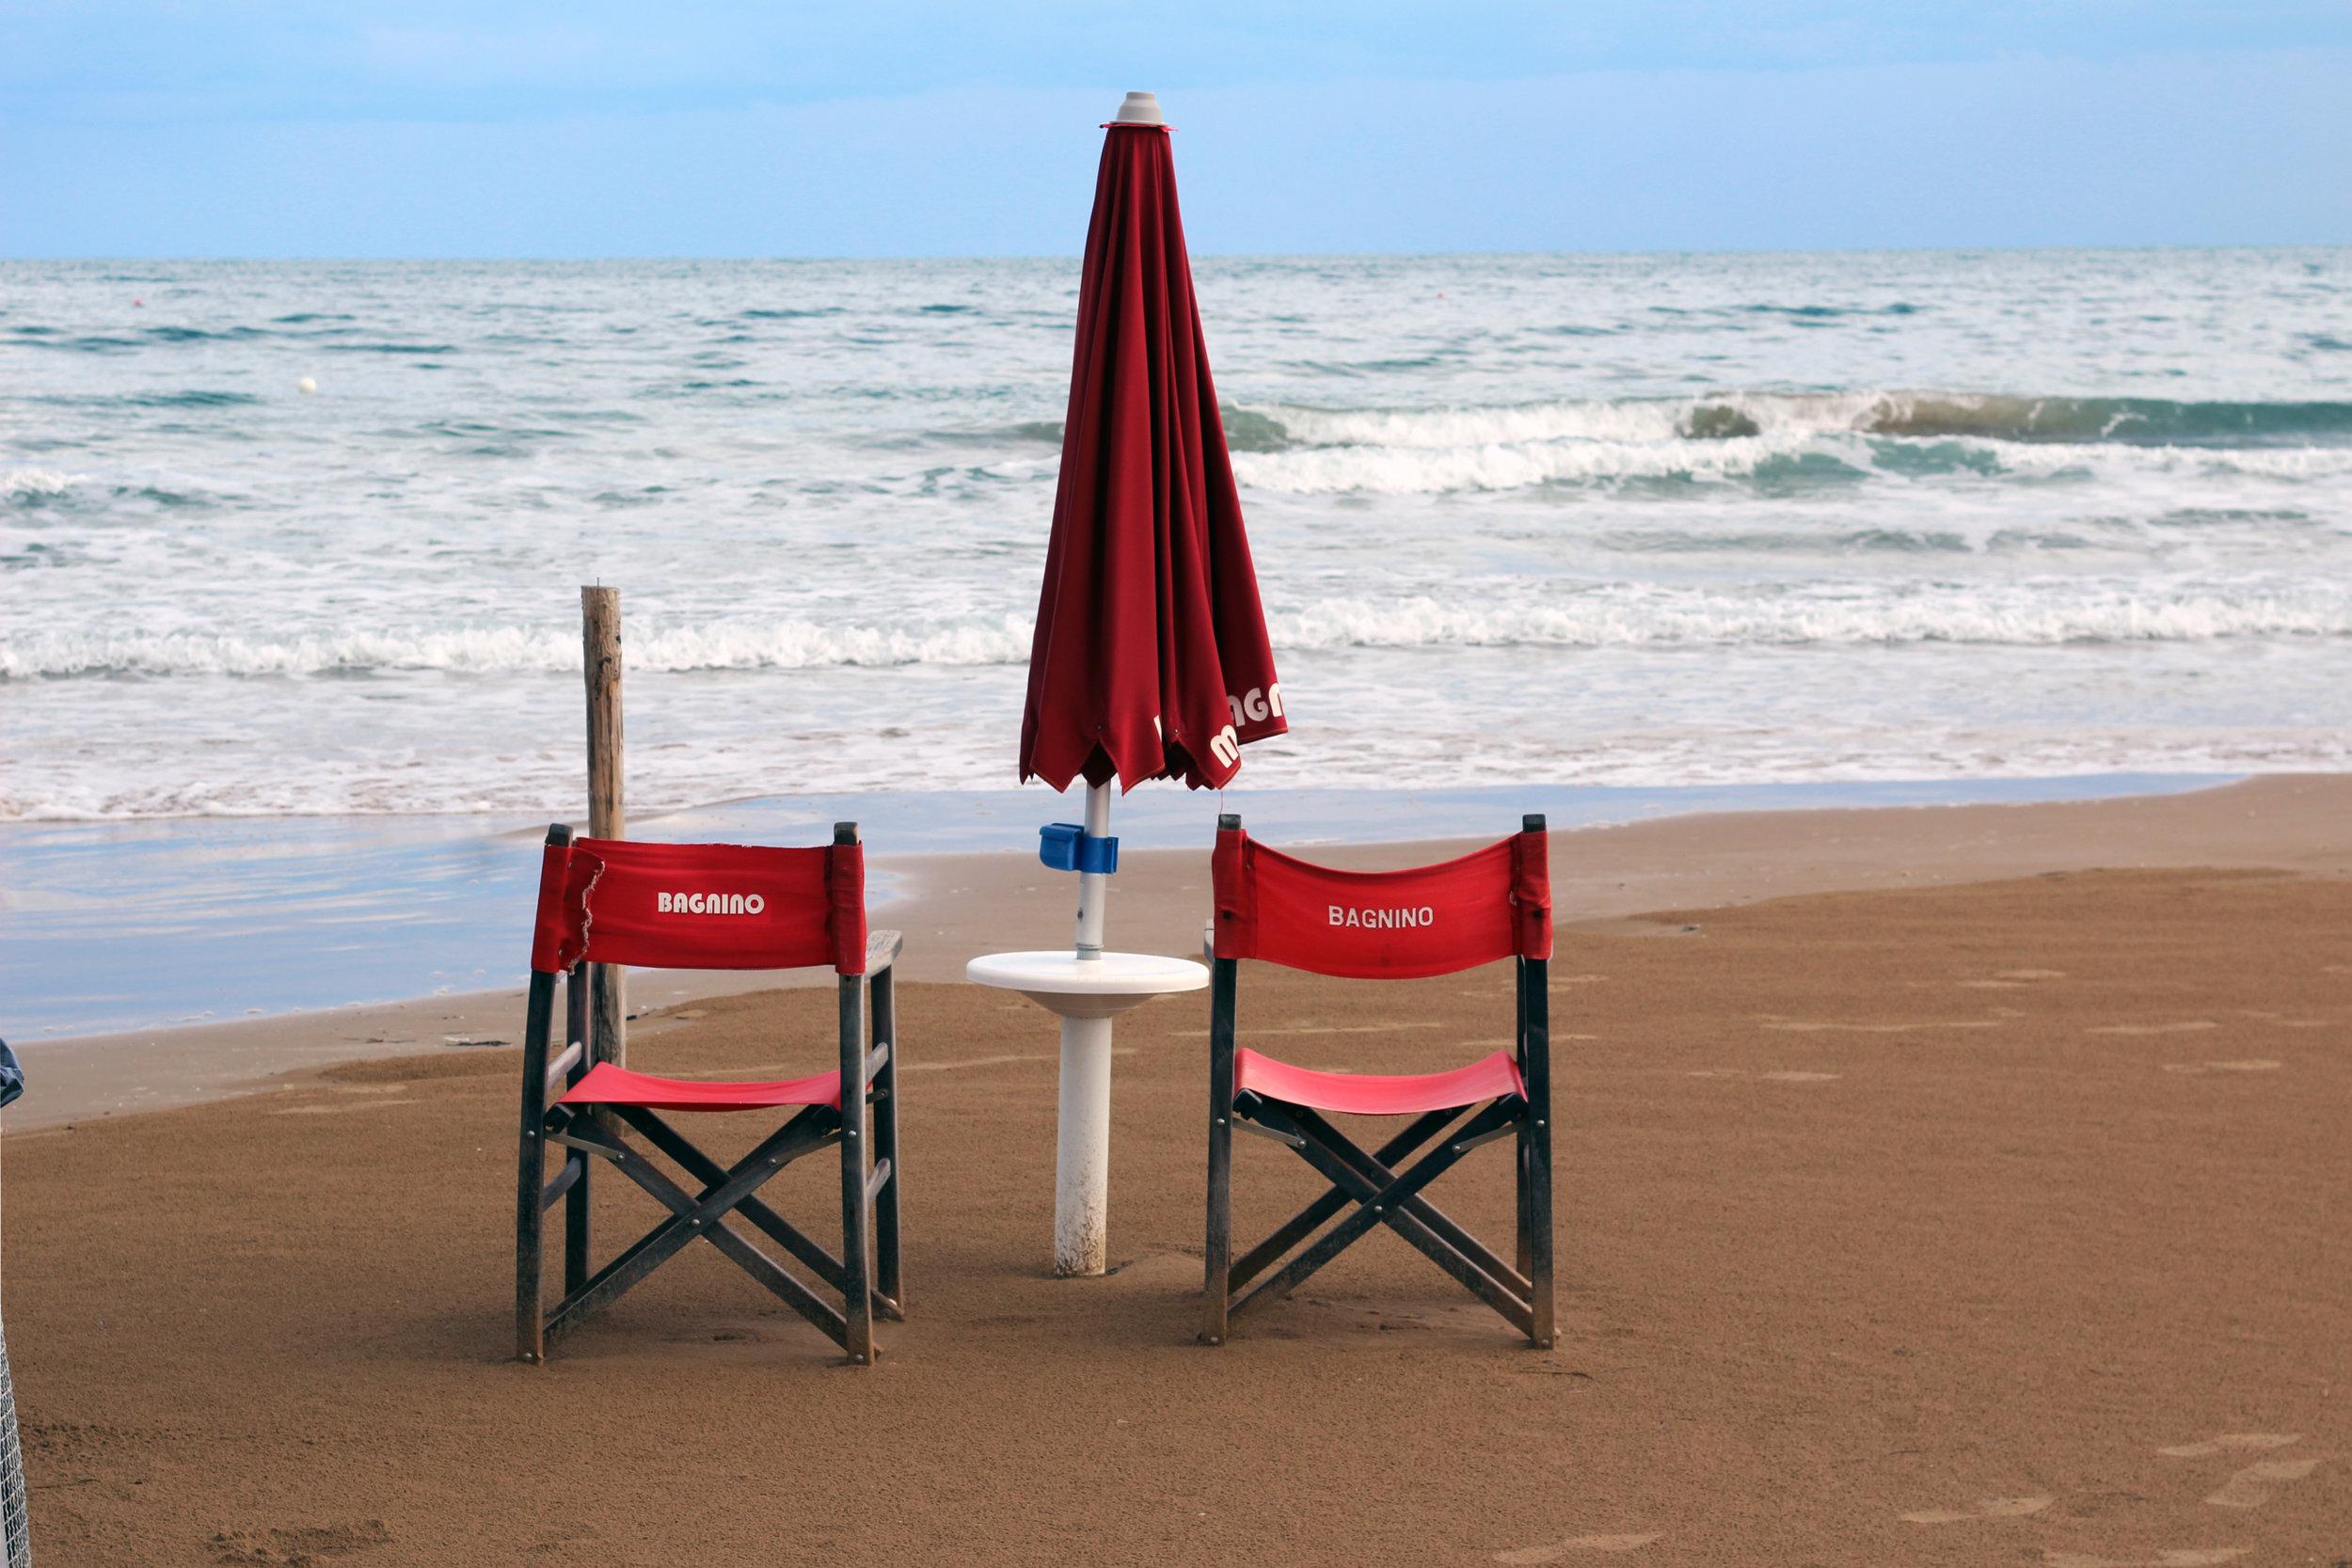 annaporter-adriatic-sea-viest-italy-italia-vacanza-mare-beach-4-Copy.jpg